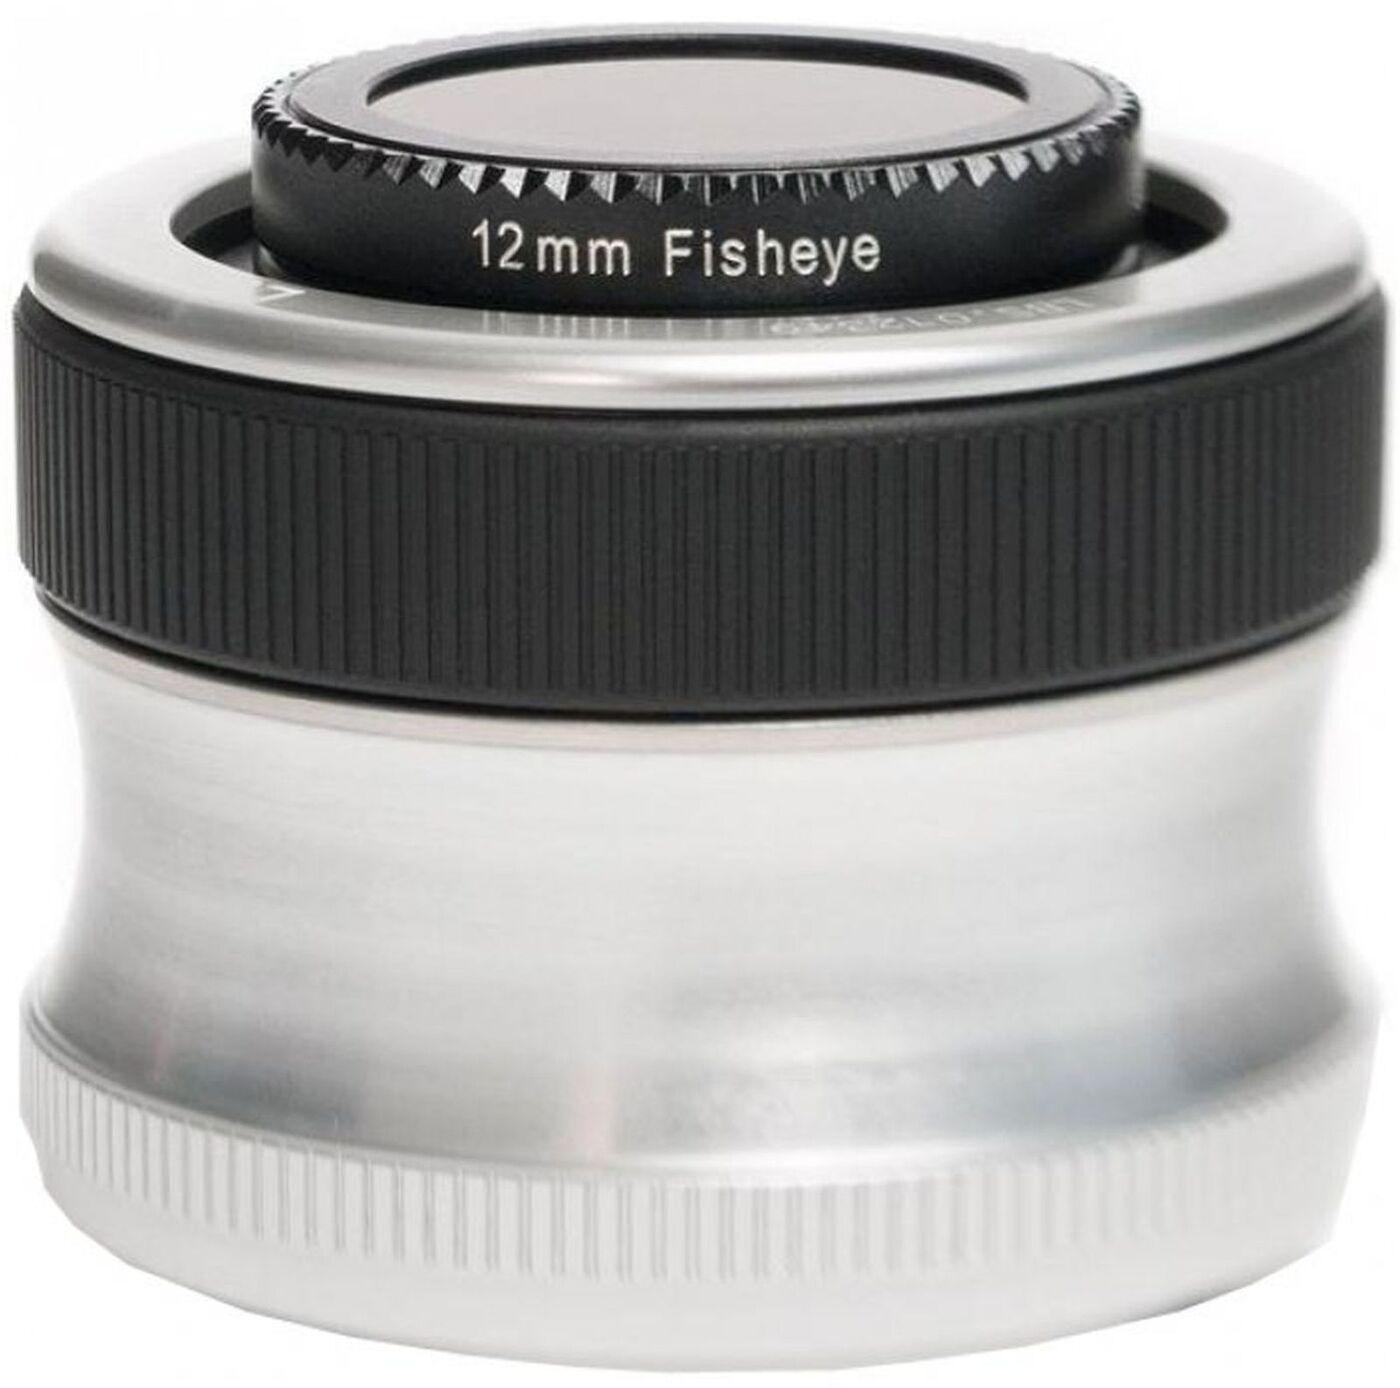 Объектив Lensbaby Scout With Fisheye 12mm f/4.0 для Pentax K, черный, серебристый